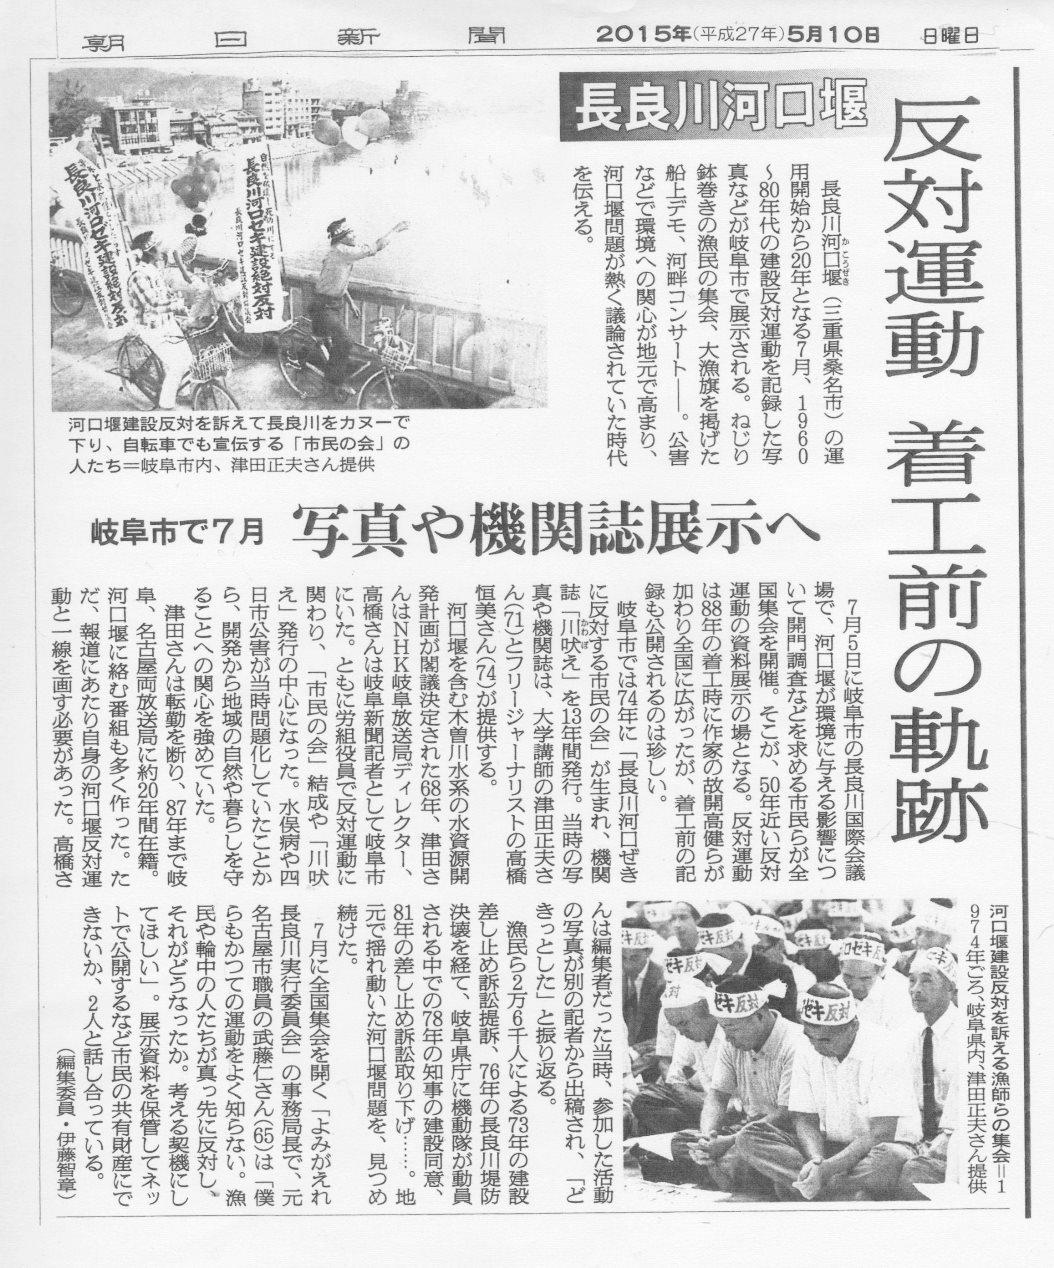 長良川河口堰 5月10日報道_f0197754_1447968.jpg